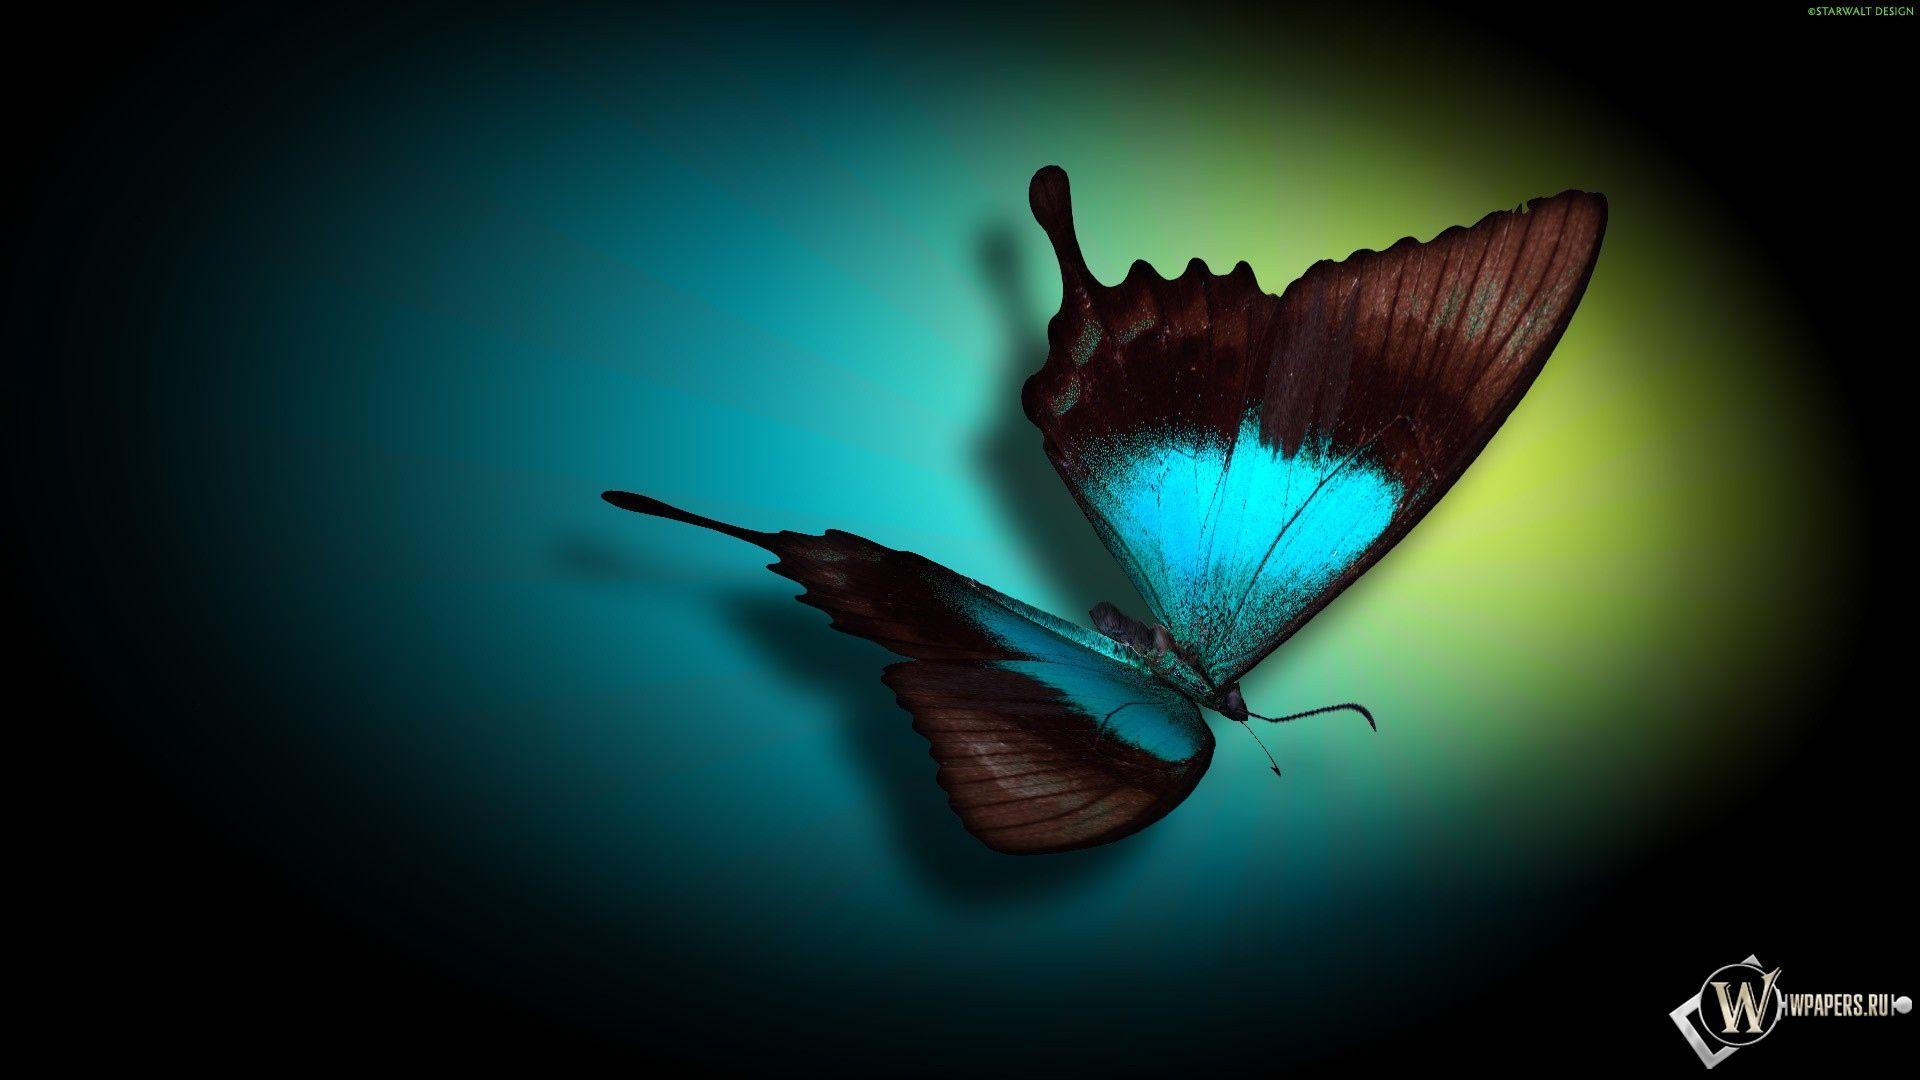 ОБОИ РАБОЧЕГО СТОЛА СКАЧАТЬ БЕСПЛАТНО | Бабочки, Детские ...